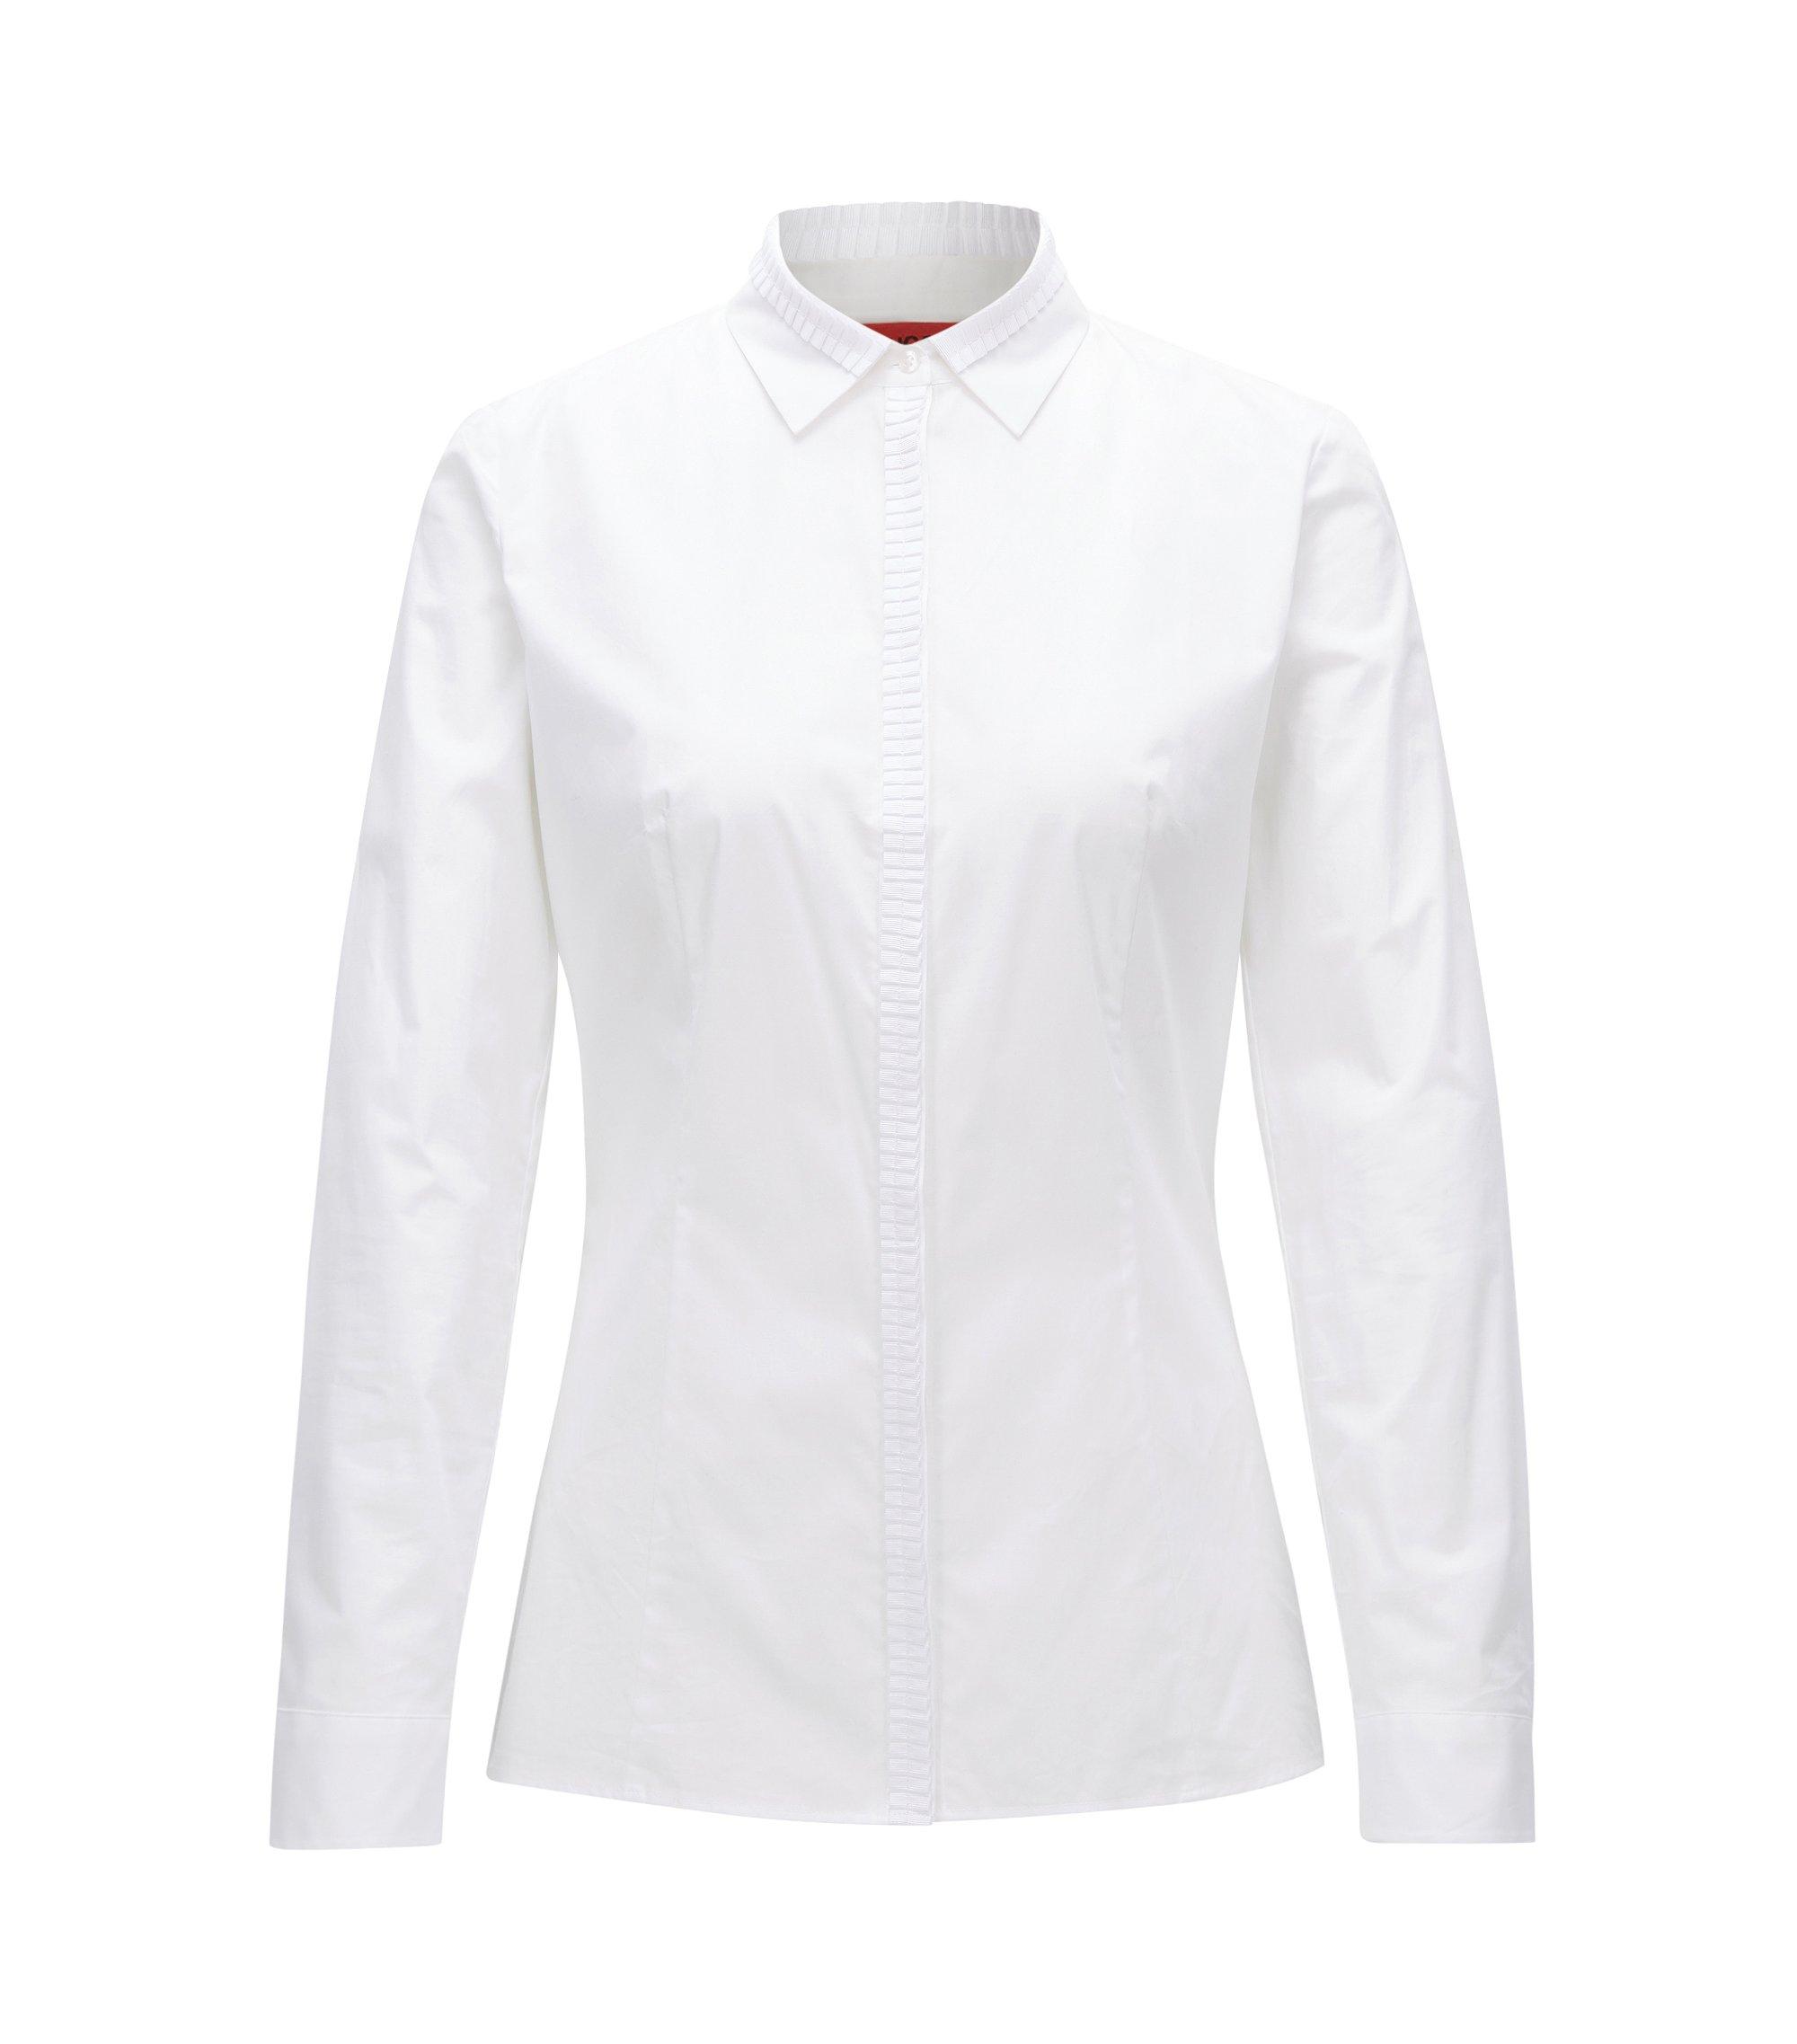 Chemisier Slim Fit en popeline de coton stretch, Blanc